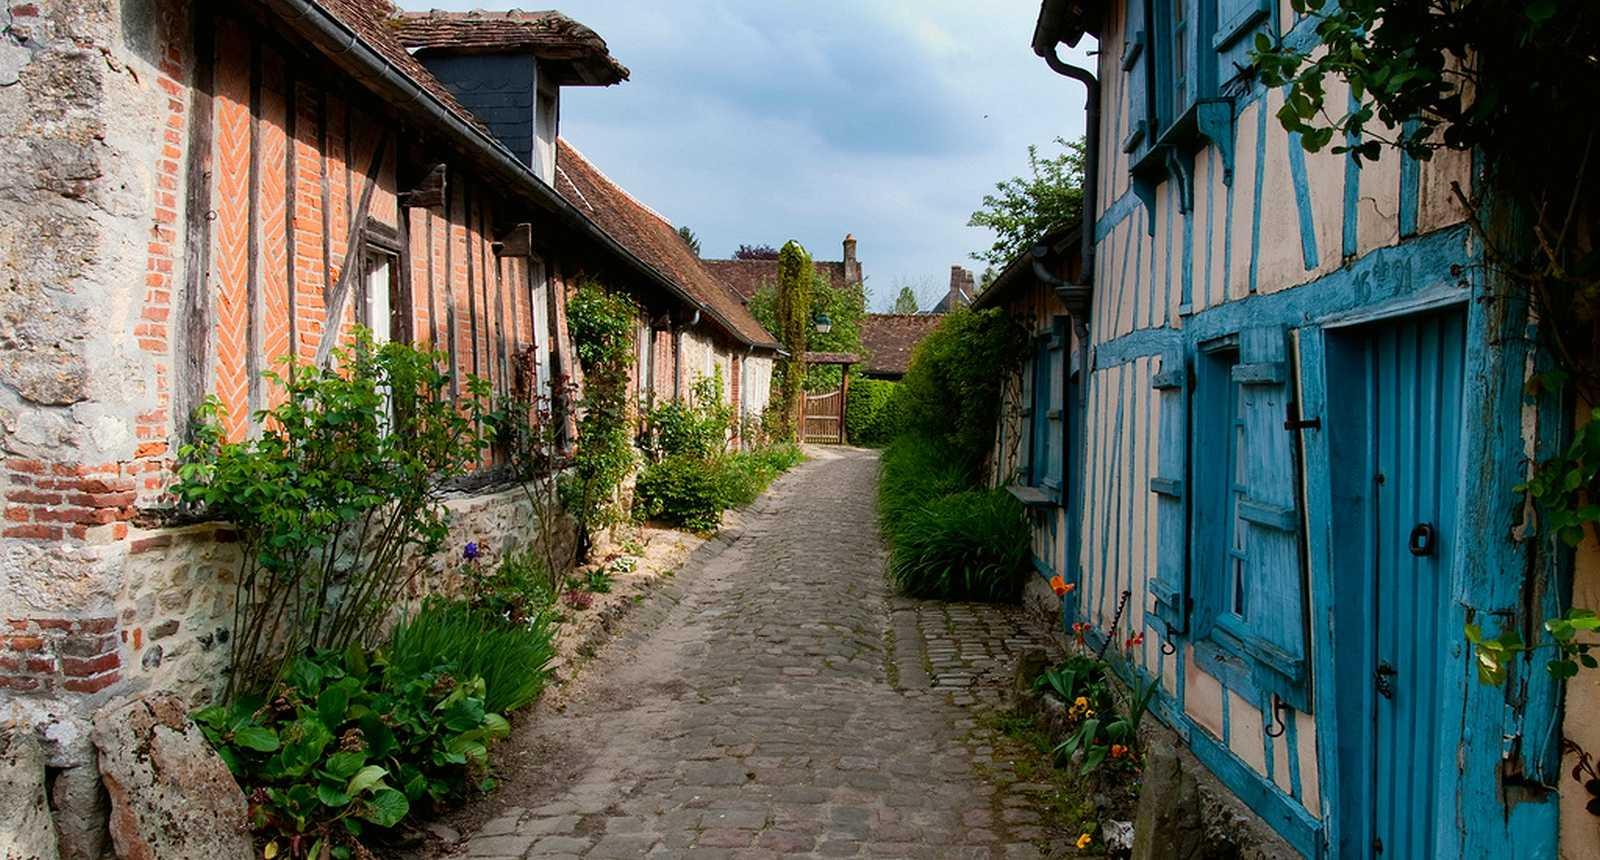 Petite rue du village de Gerberoy